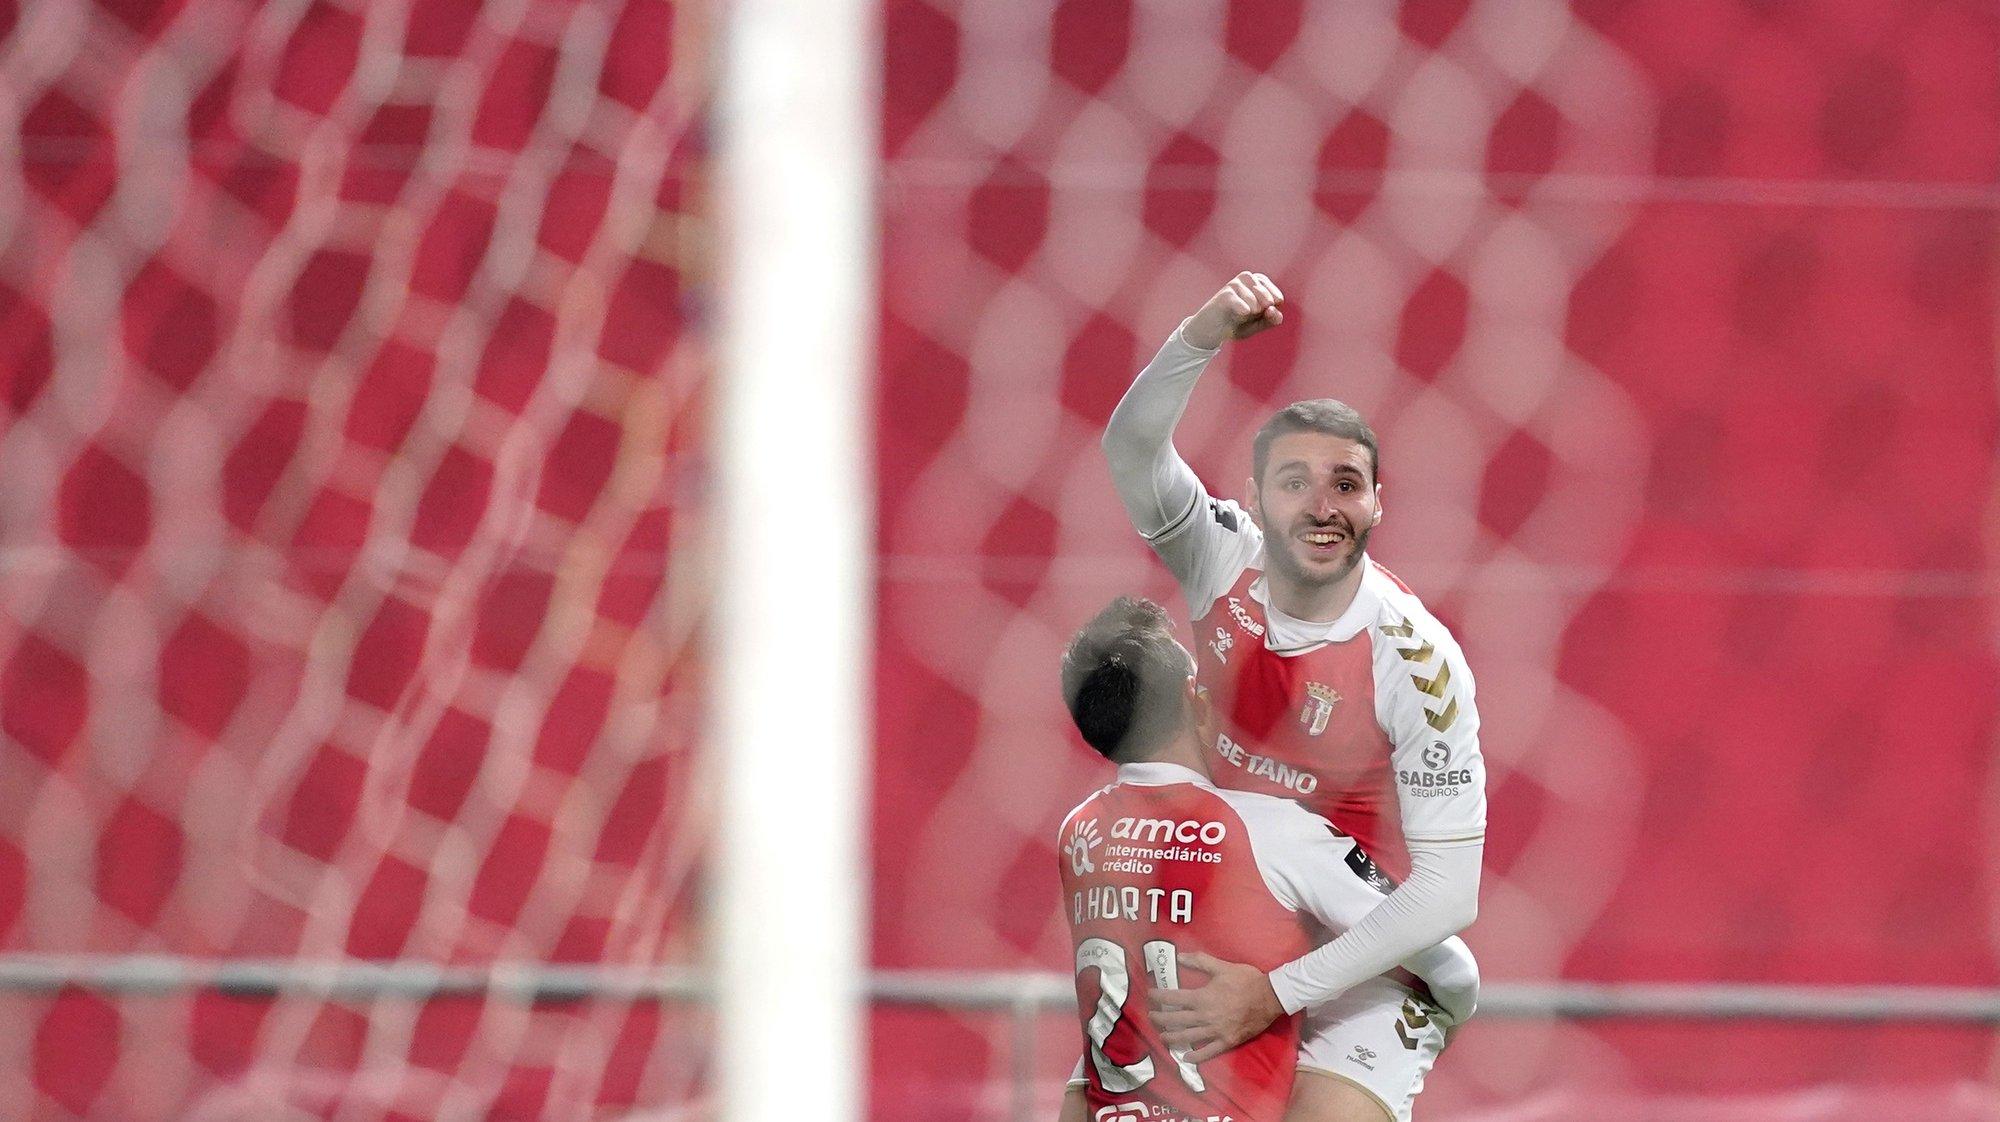 Abel Ruiz (D) do Sporting de Braga festeja o golo frente ao Vitória de Guimarães no jogo a contar para a Primeira Liga de Futebol realizado no Estádio Municipal de Braga, 9 de março de 2021. HUGO DELGADO/LUSA